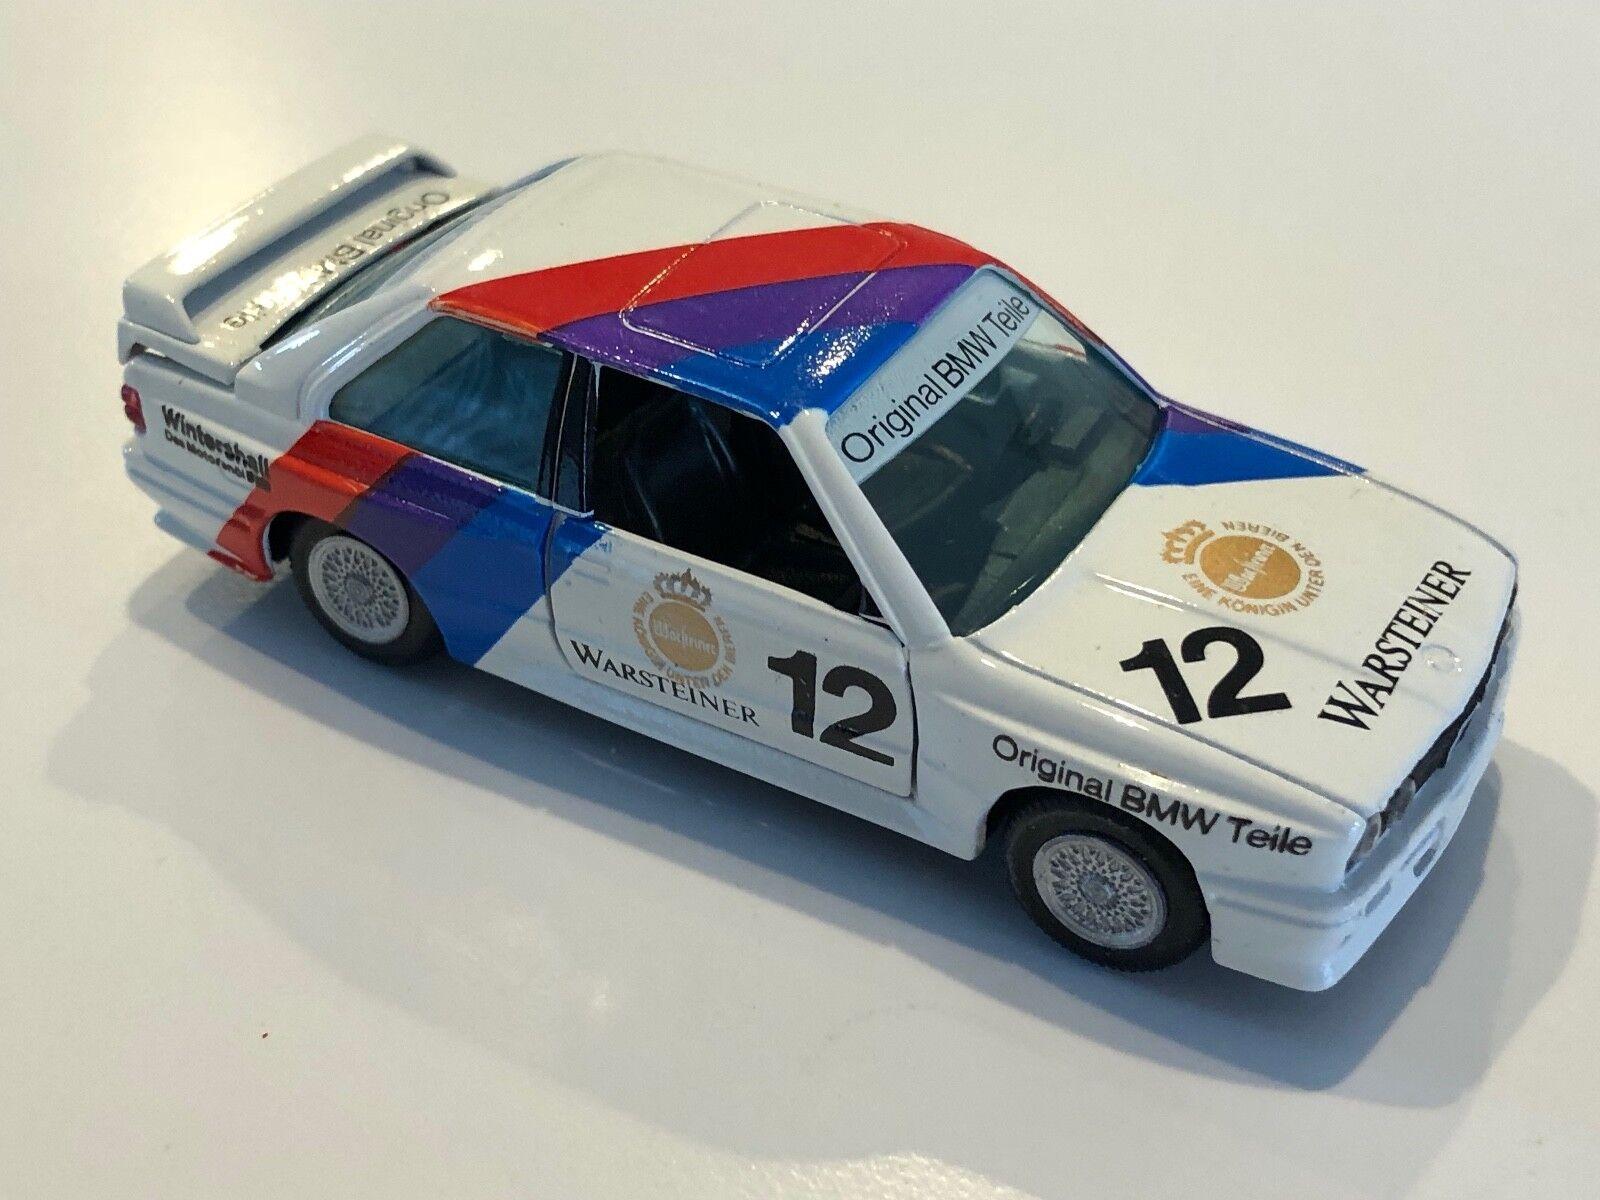 GAMA BMW M3 E30  Original BMW Teile  Rennversion in 1 43 scale  81154000